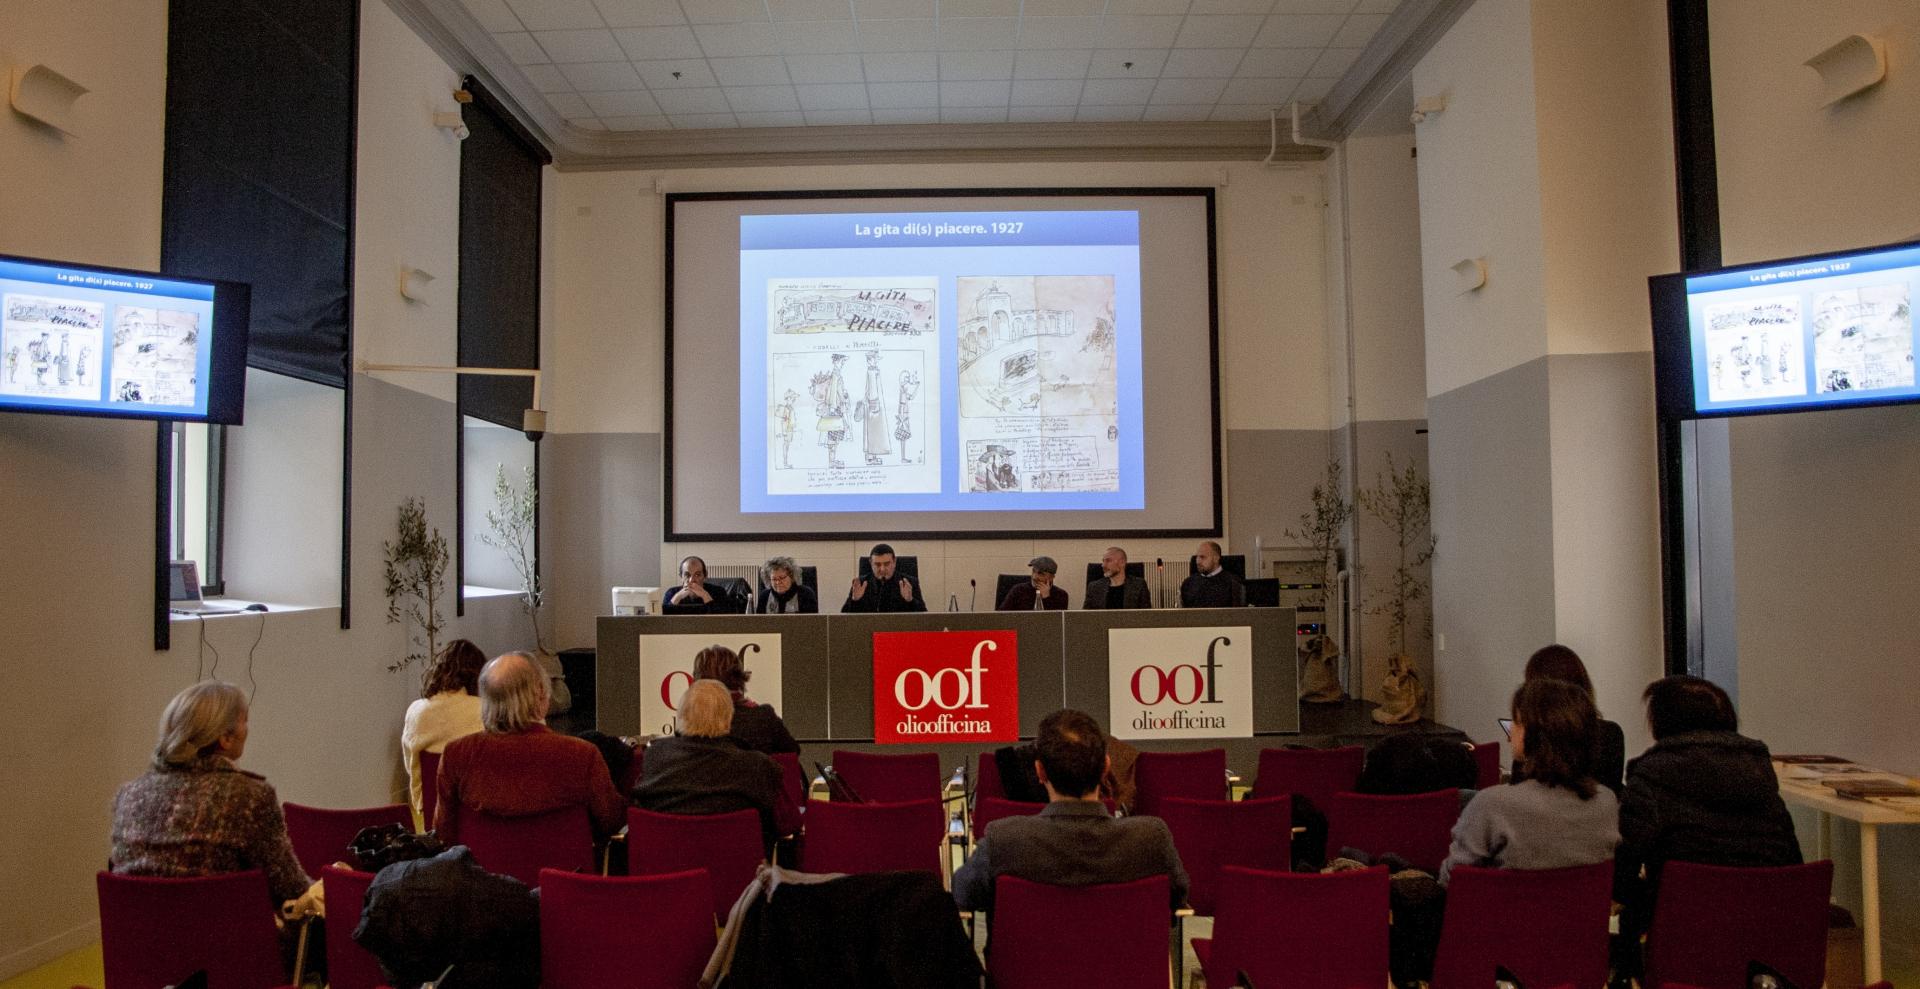 OOF 2020, Il programma completo della Sala Bramante per venerdì 7 e sabato 8